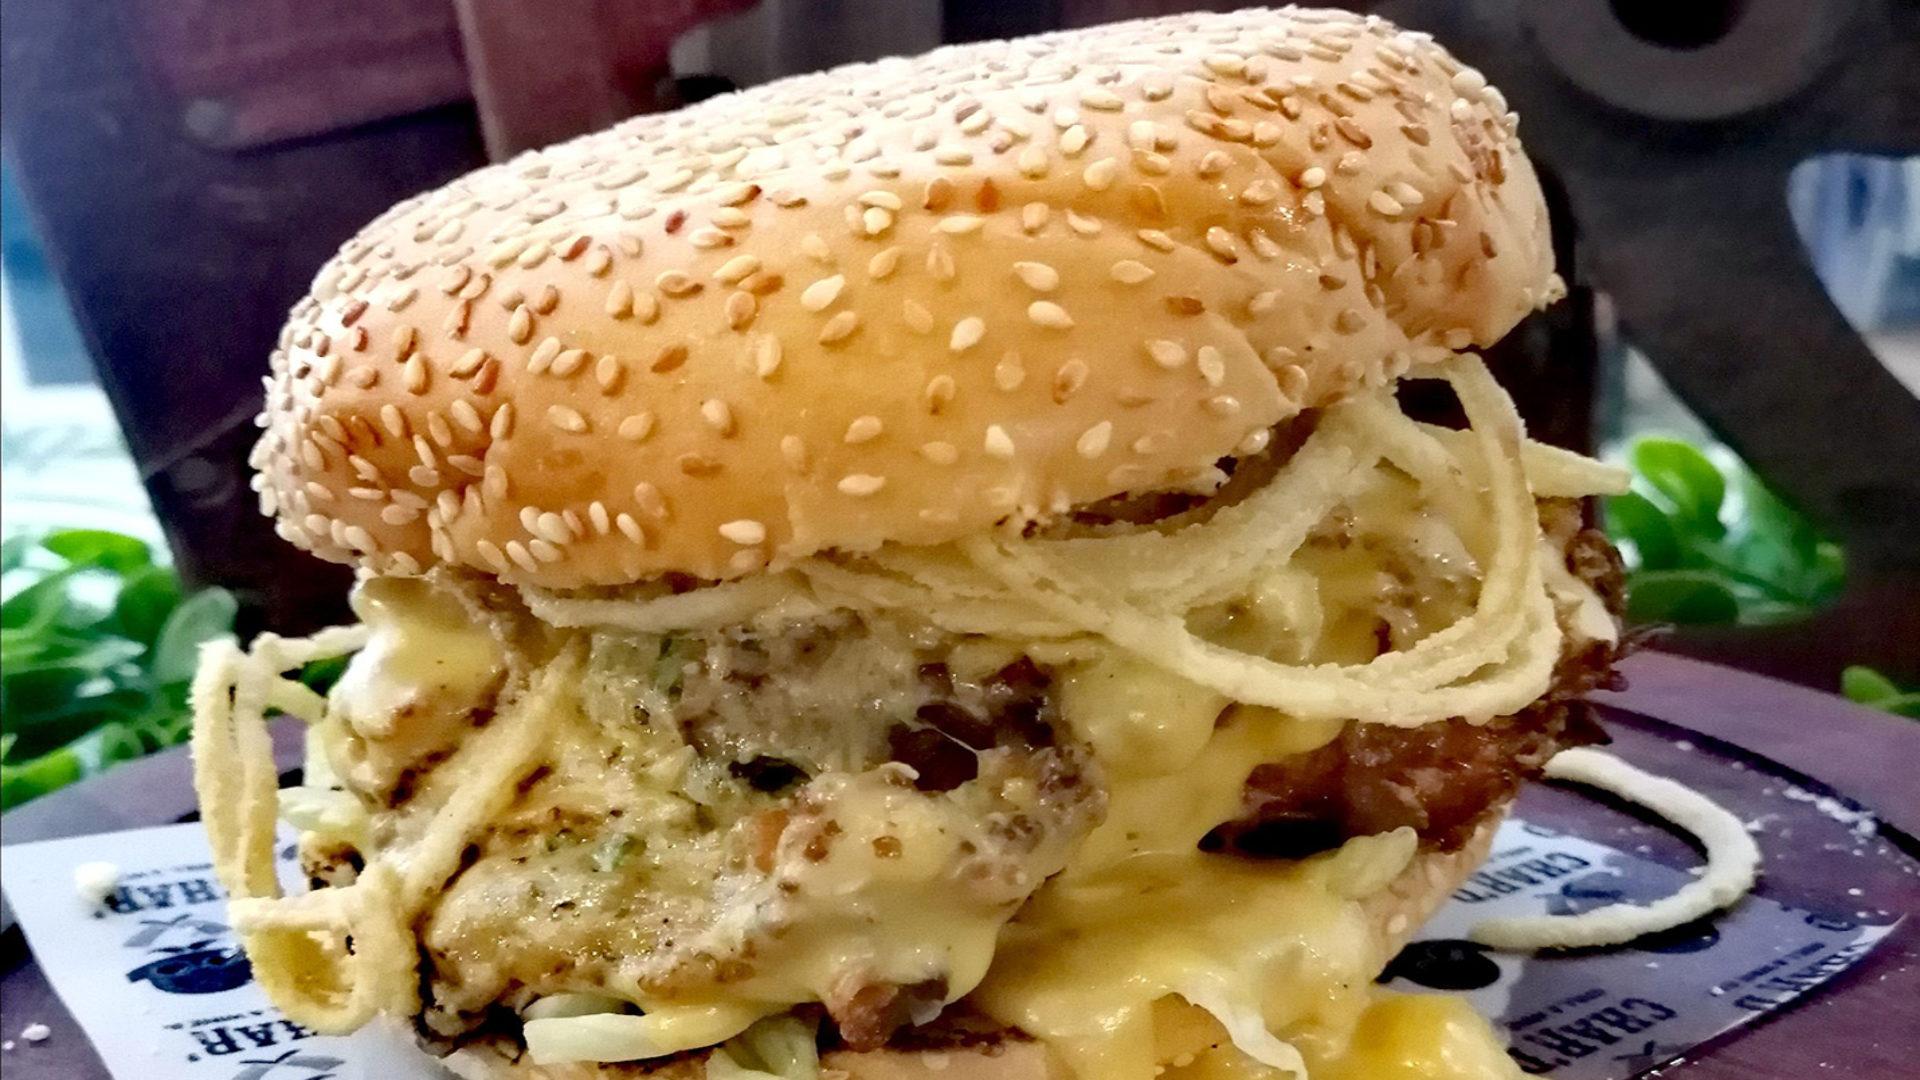 Chard_WineBar_Burger